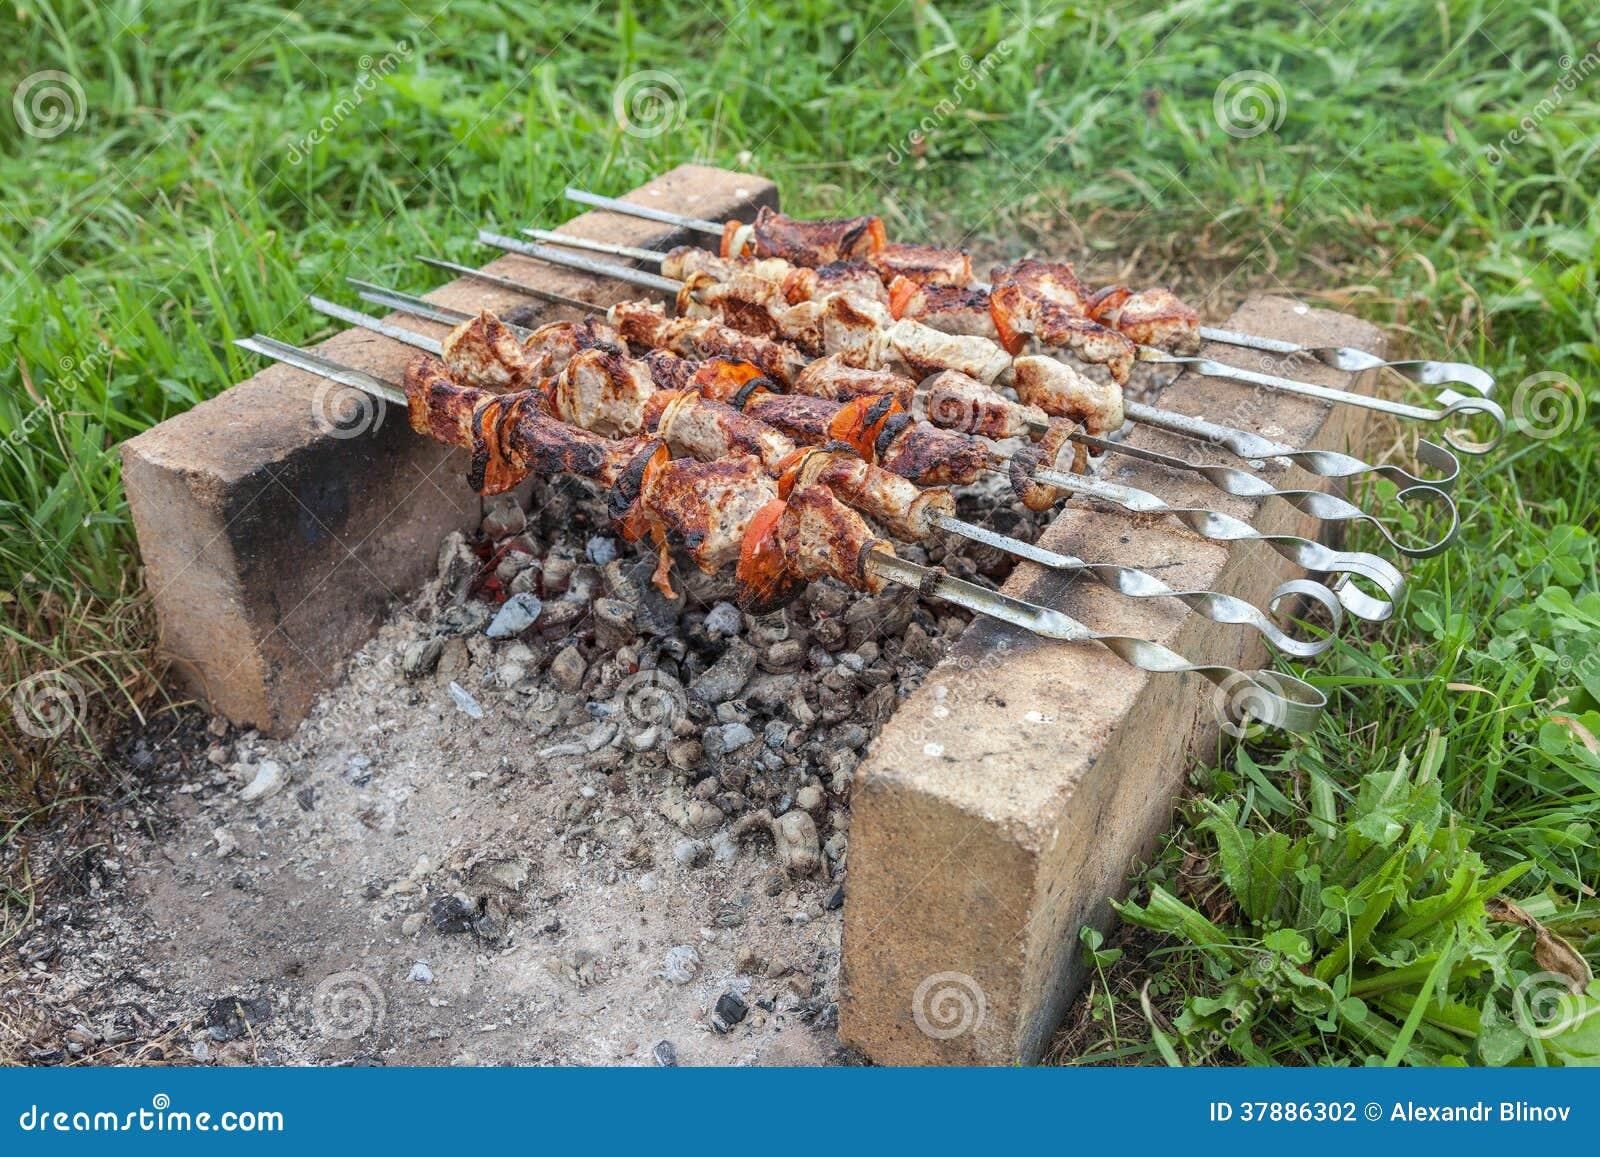 Barbecue met heerlijk geroosterd vlees